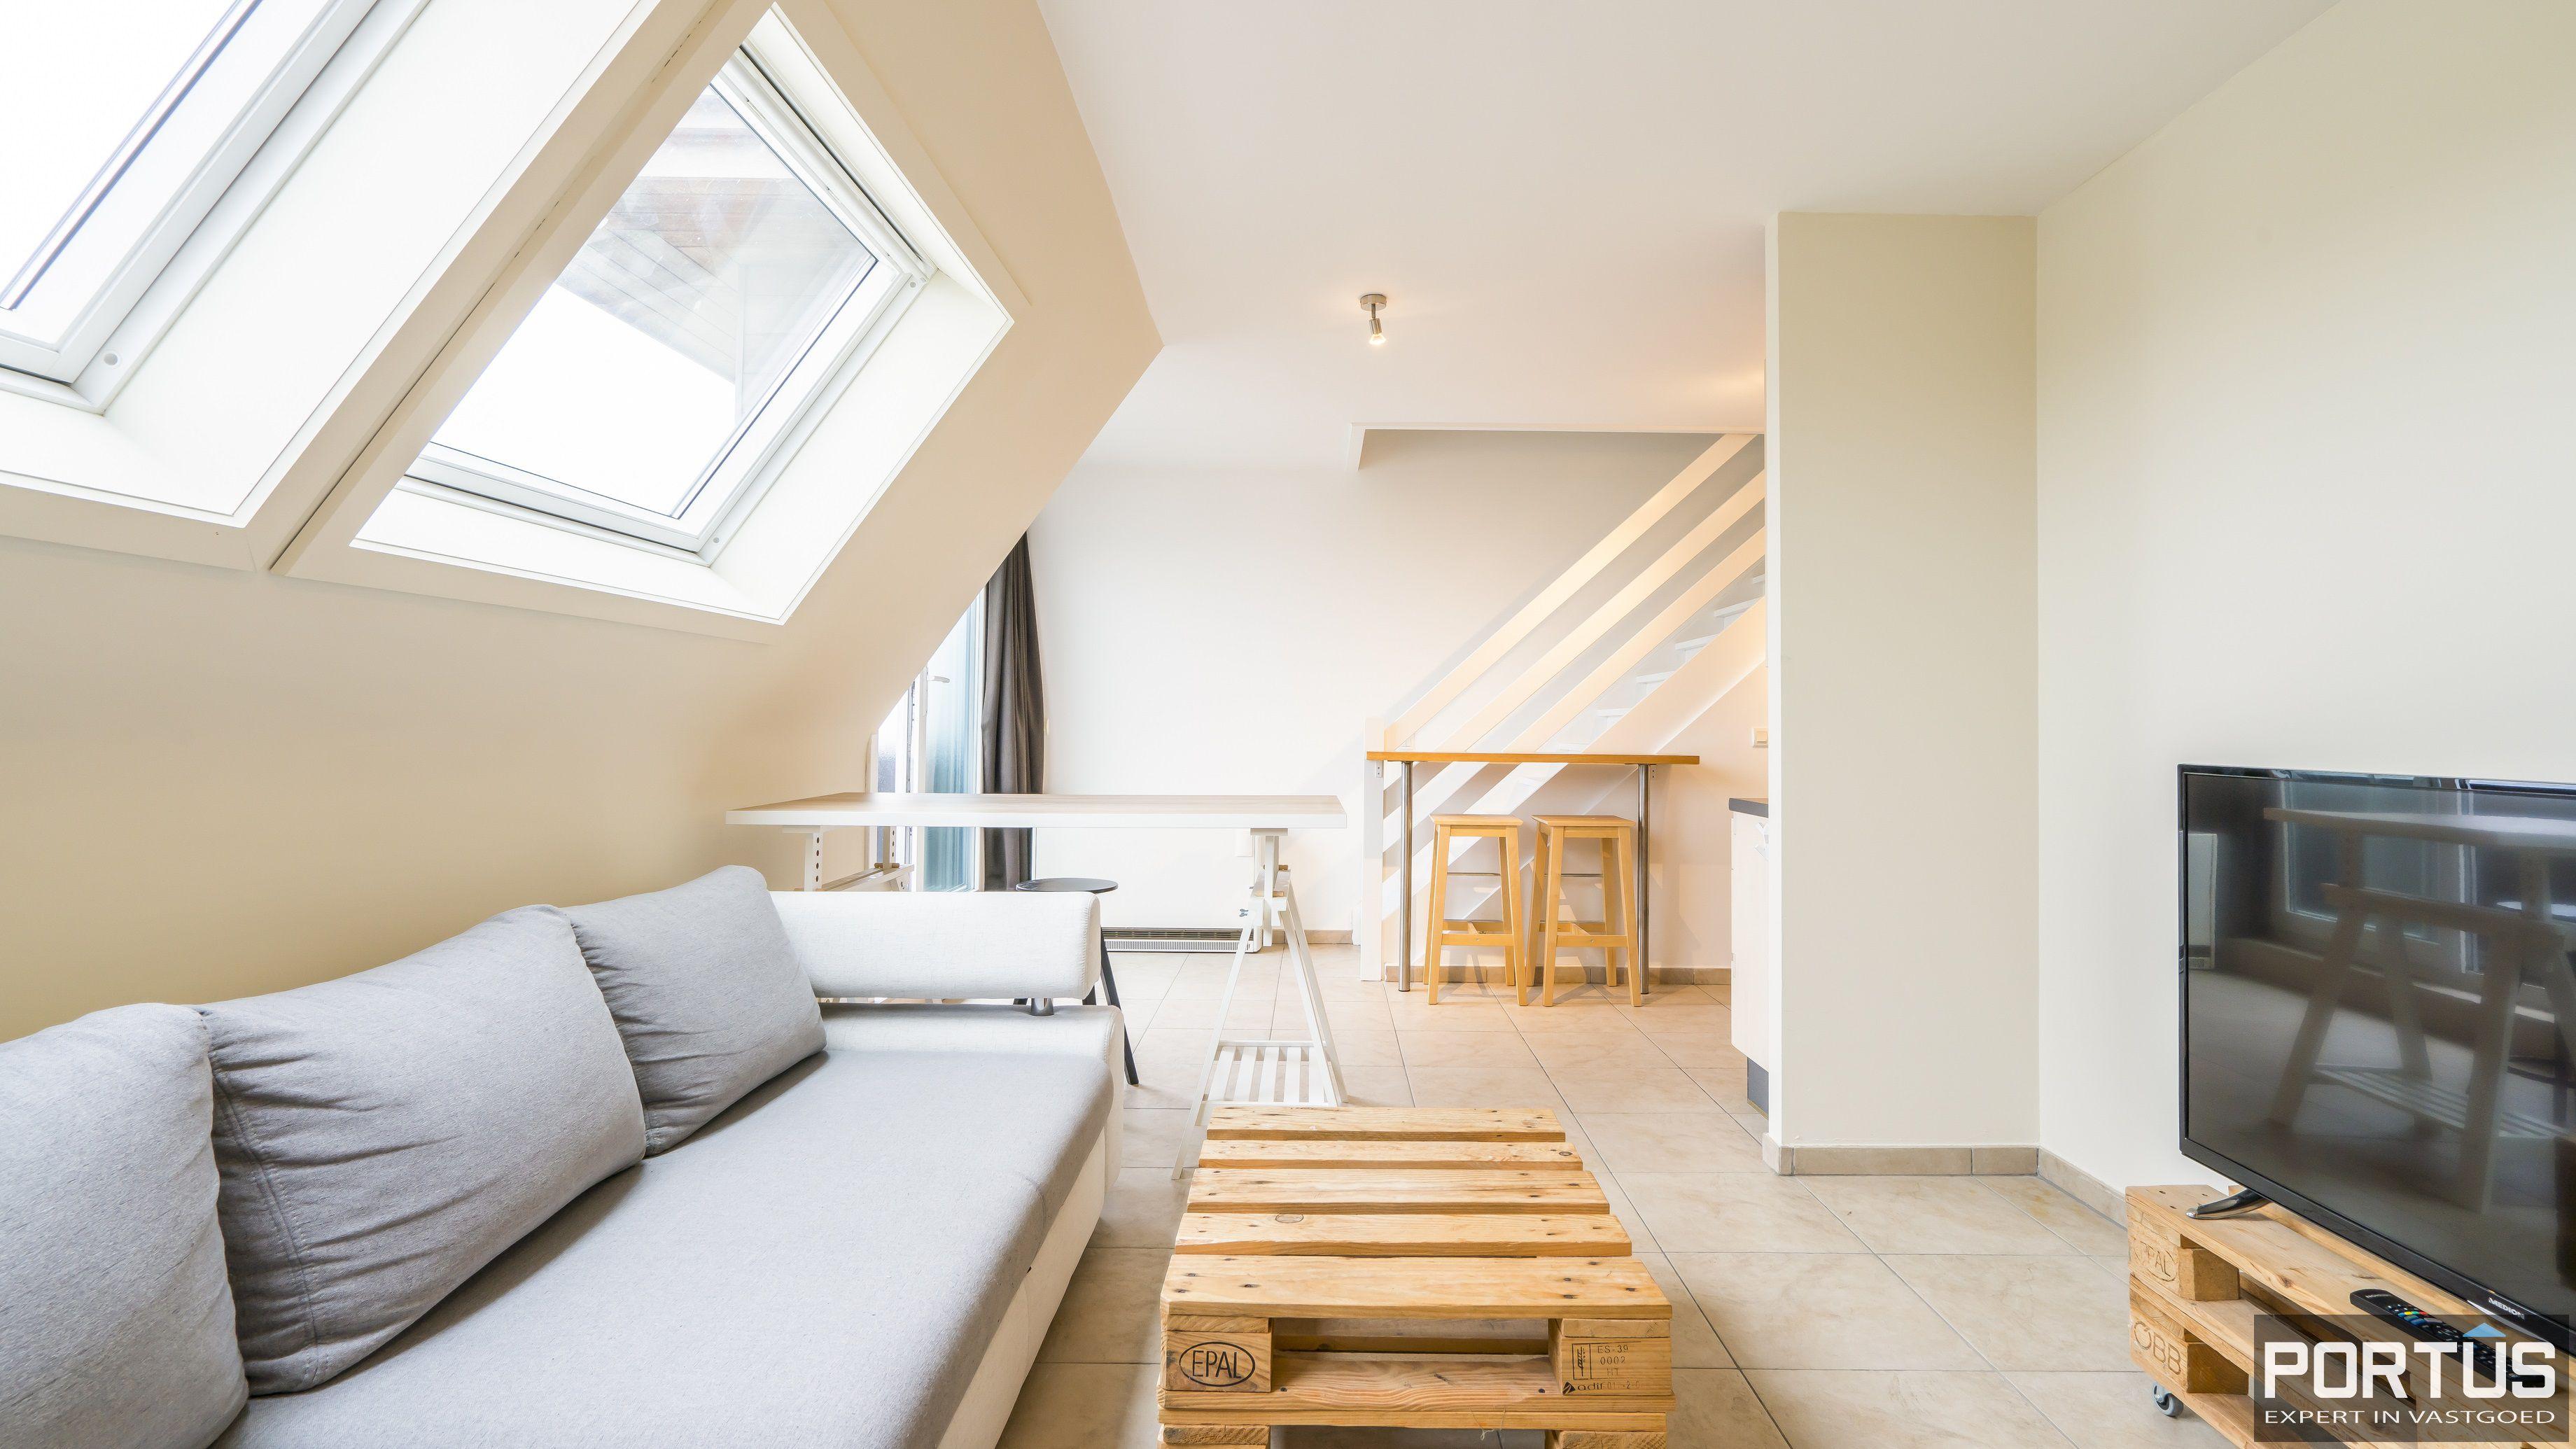 Instapklaar zongericht appartement met 1 slaapkamer te koop te Nieuwpoort - 11463